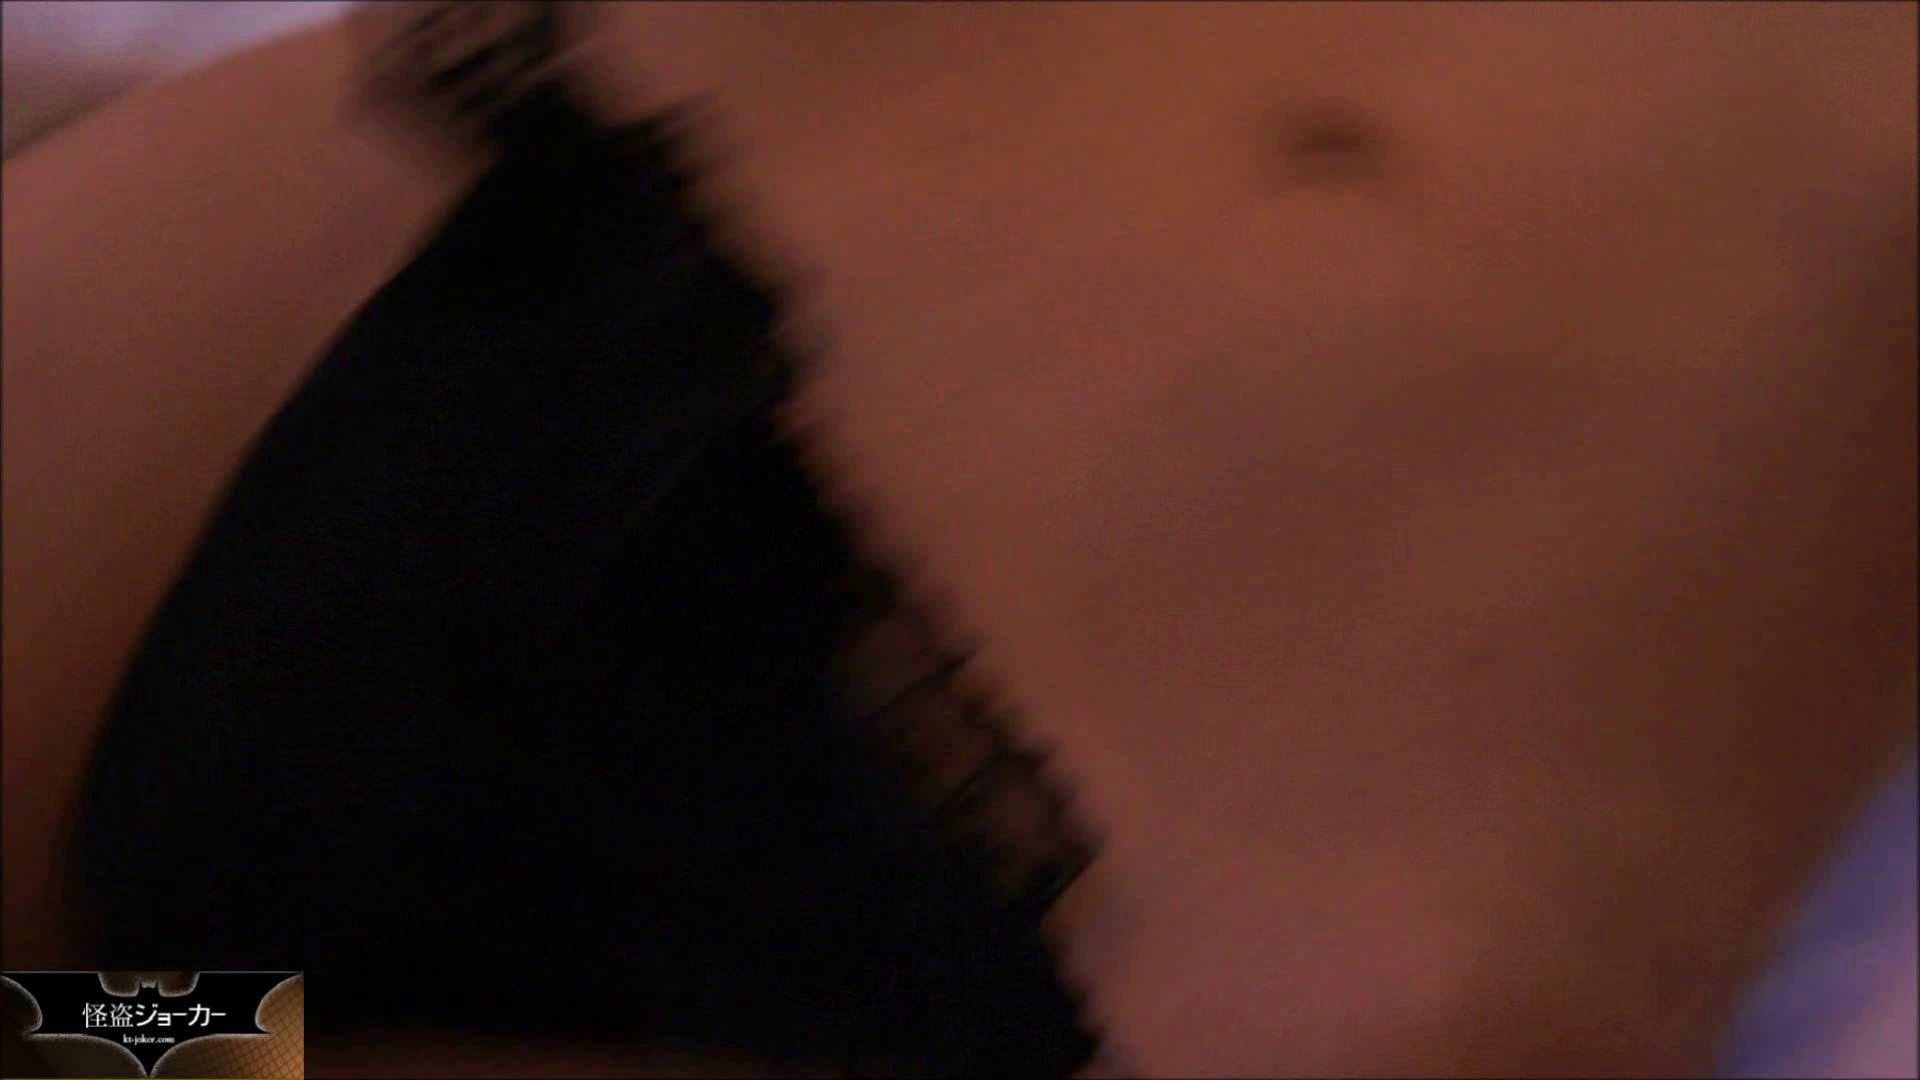 【俺の2人の愛嬢】【未公開】vol.34 【援交】葉月ちゃん・・・清楚からの豹変 丸見えマンコ | ギャル  81画像 34